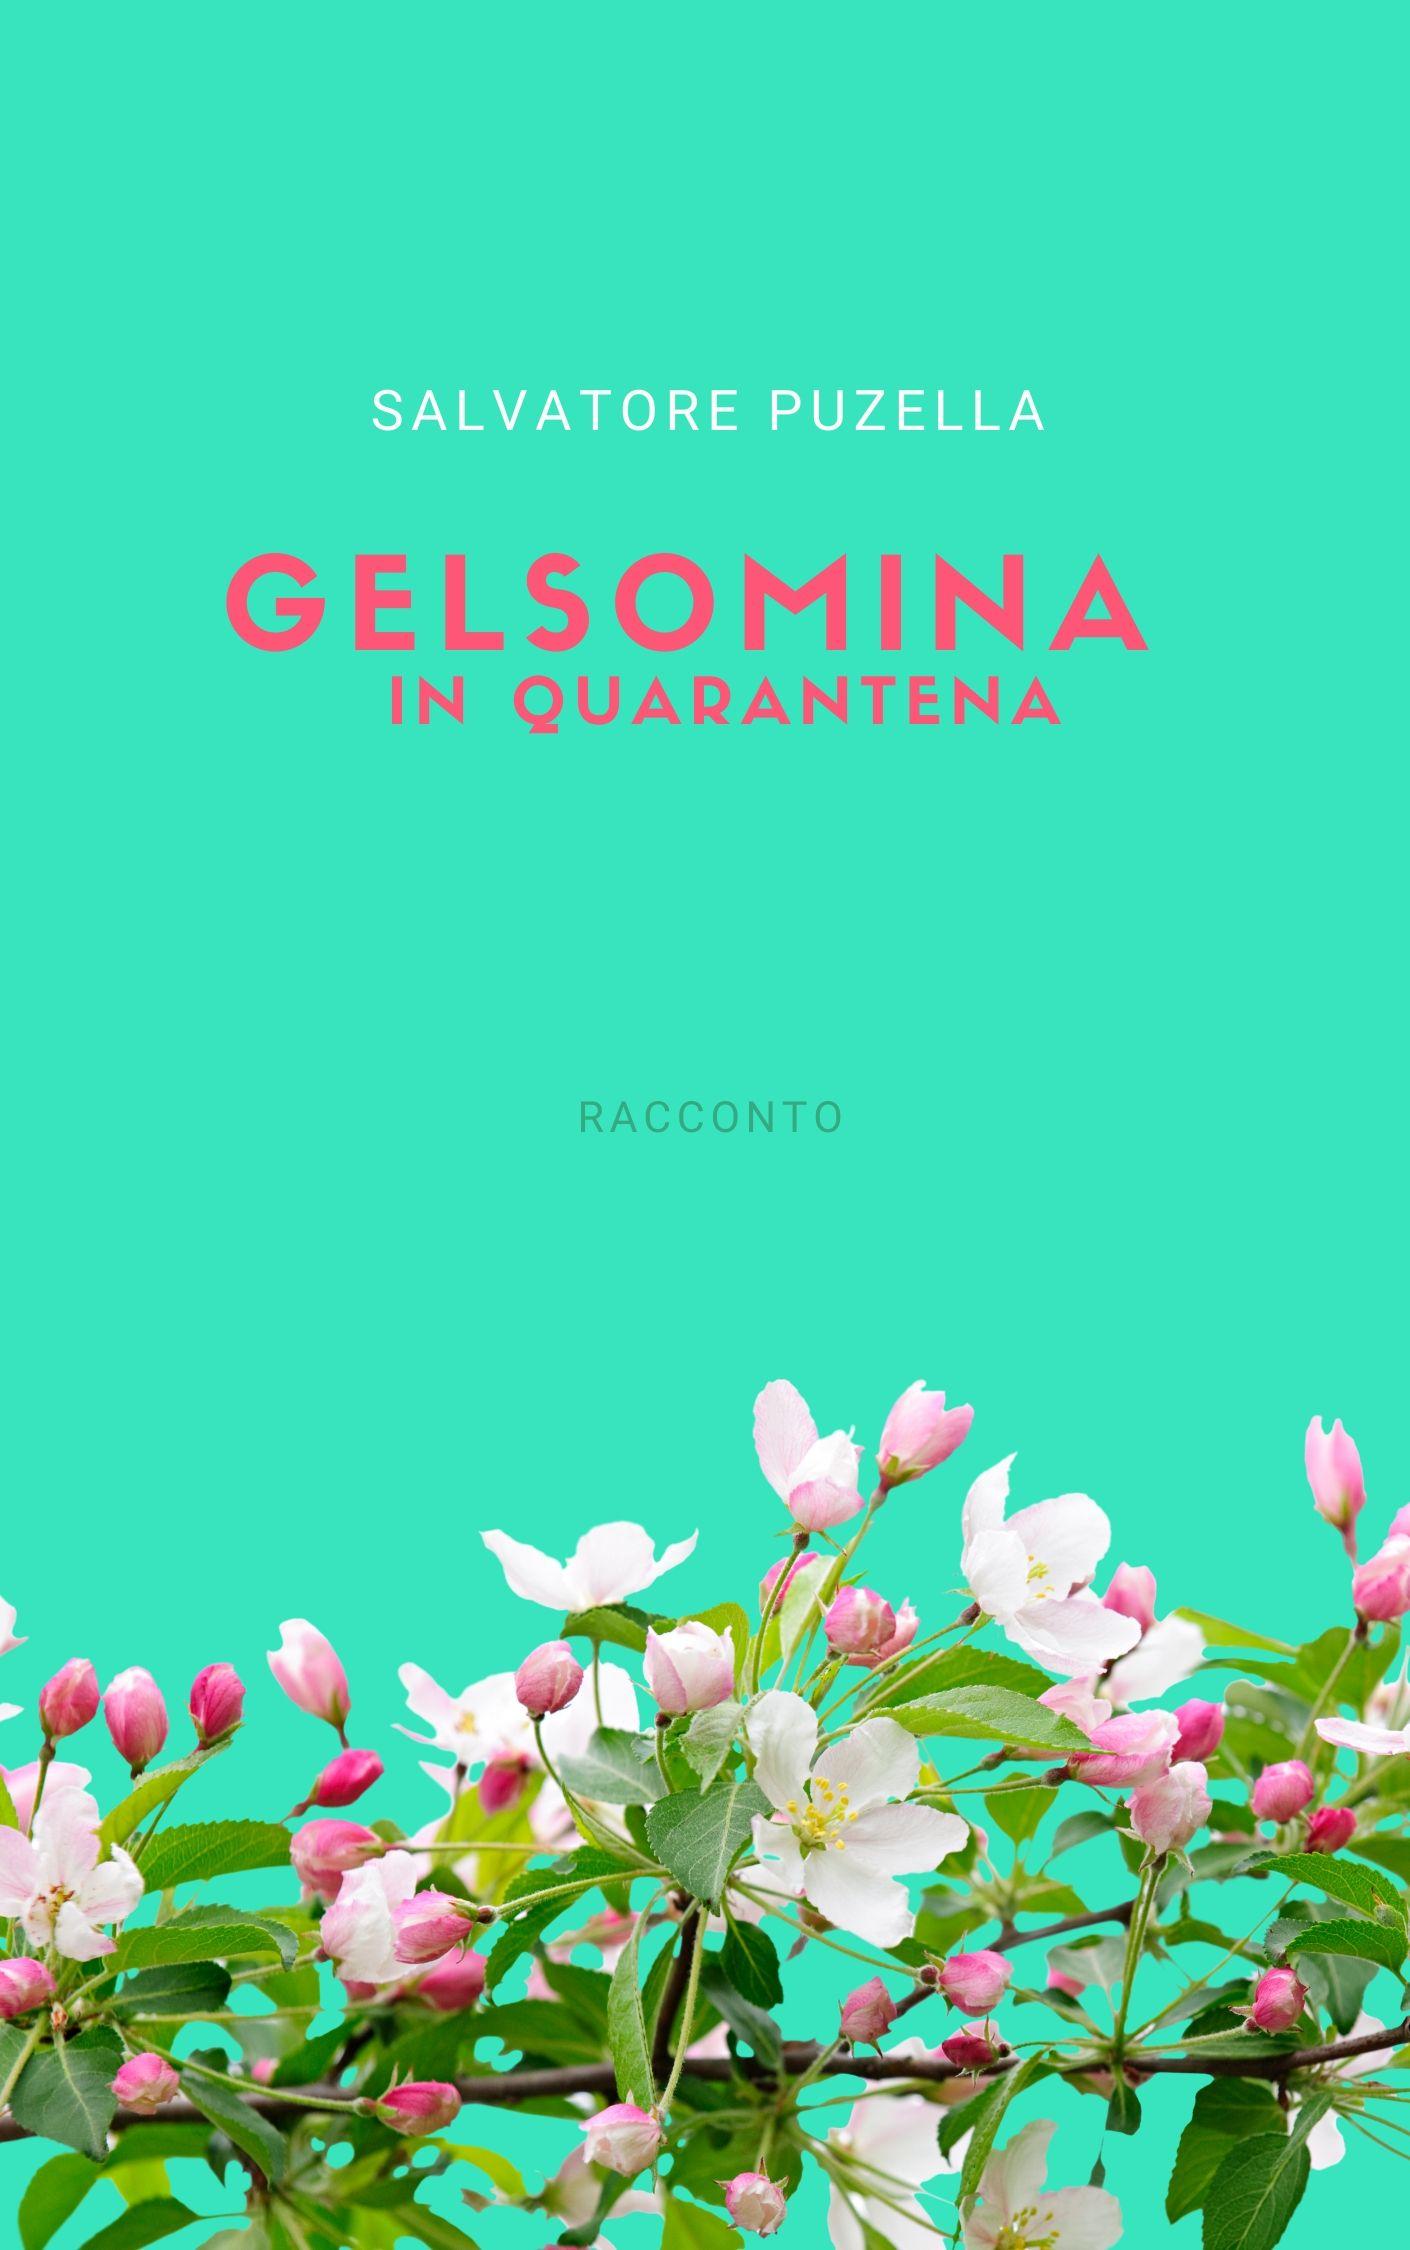 'Gelsomina in quarantena' di Salvatore Puzella, un racconto per aiutare le strutture sanitarie del Sannio